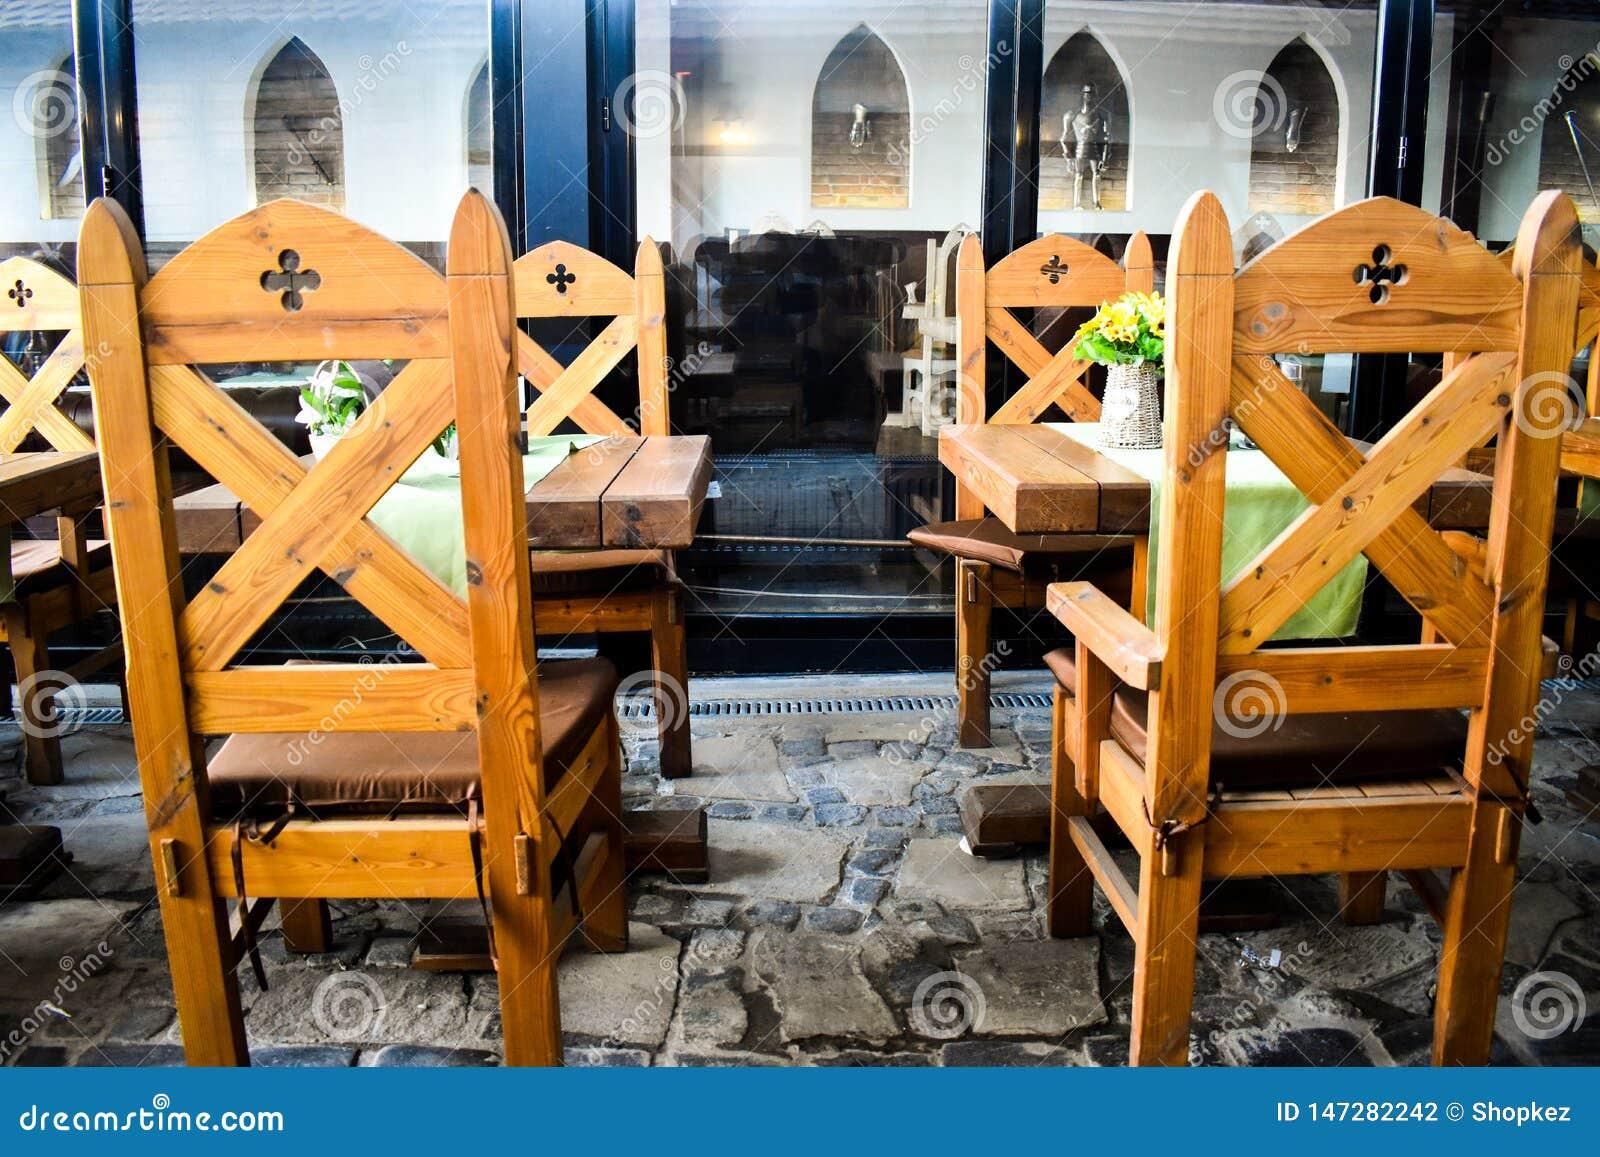 Старые деревянные стулья со средневековыми украшениями в винтажном ресторане с много феодальных элементов оформления возрастов